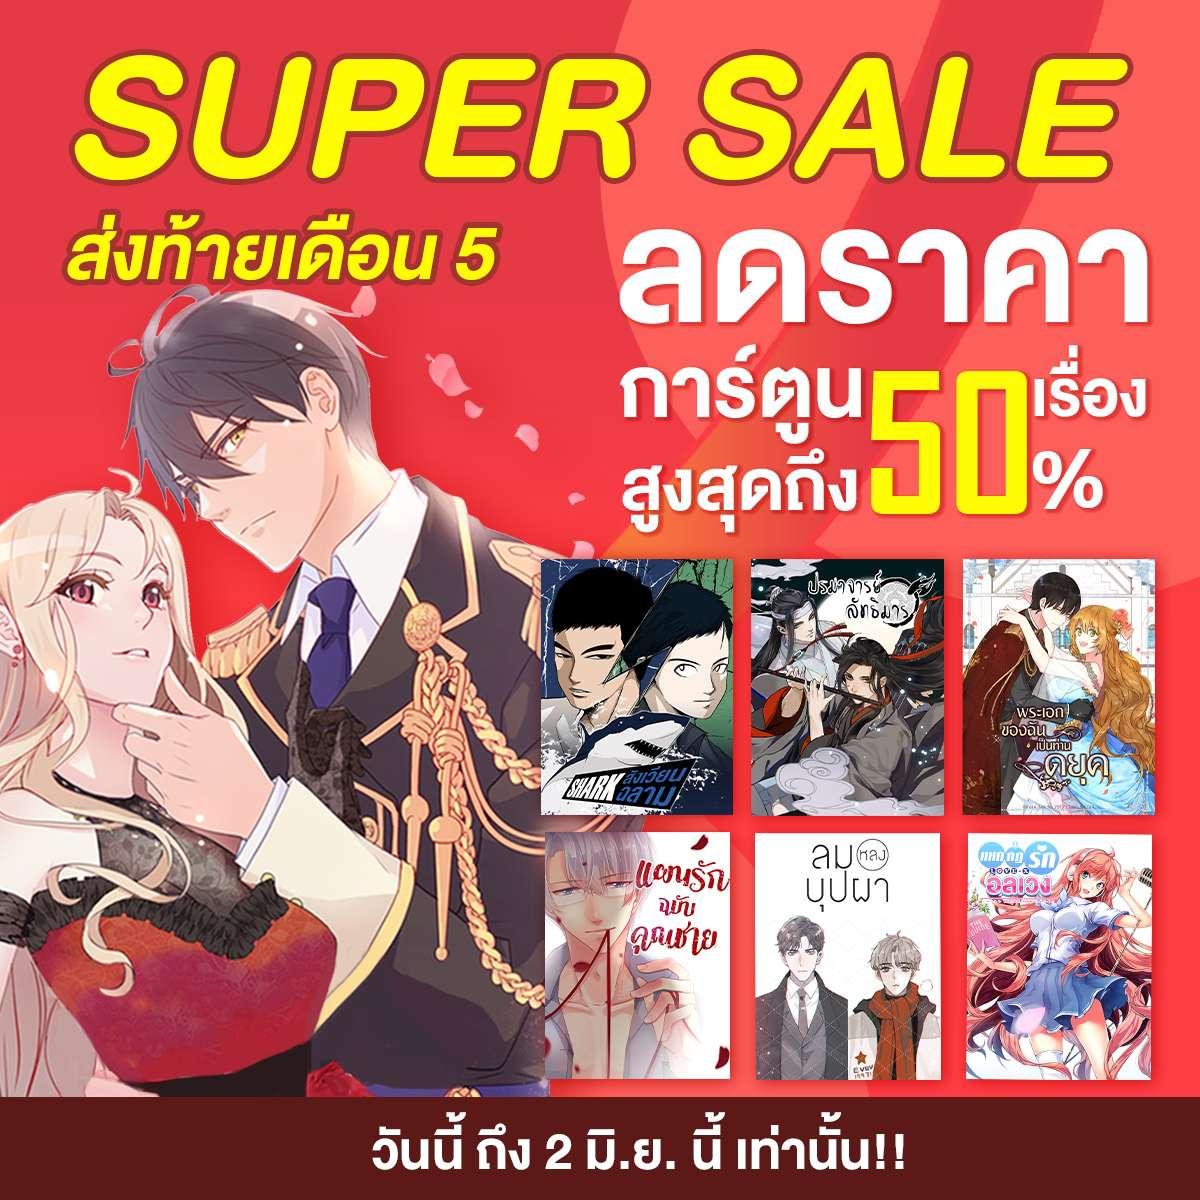 ANM_Super SALE ลดราคาสูงสุด 50%